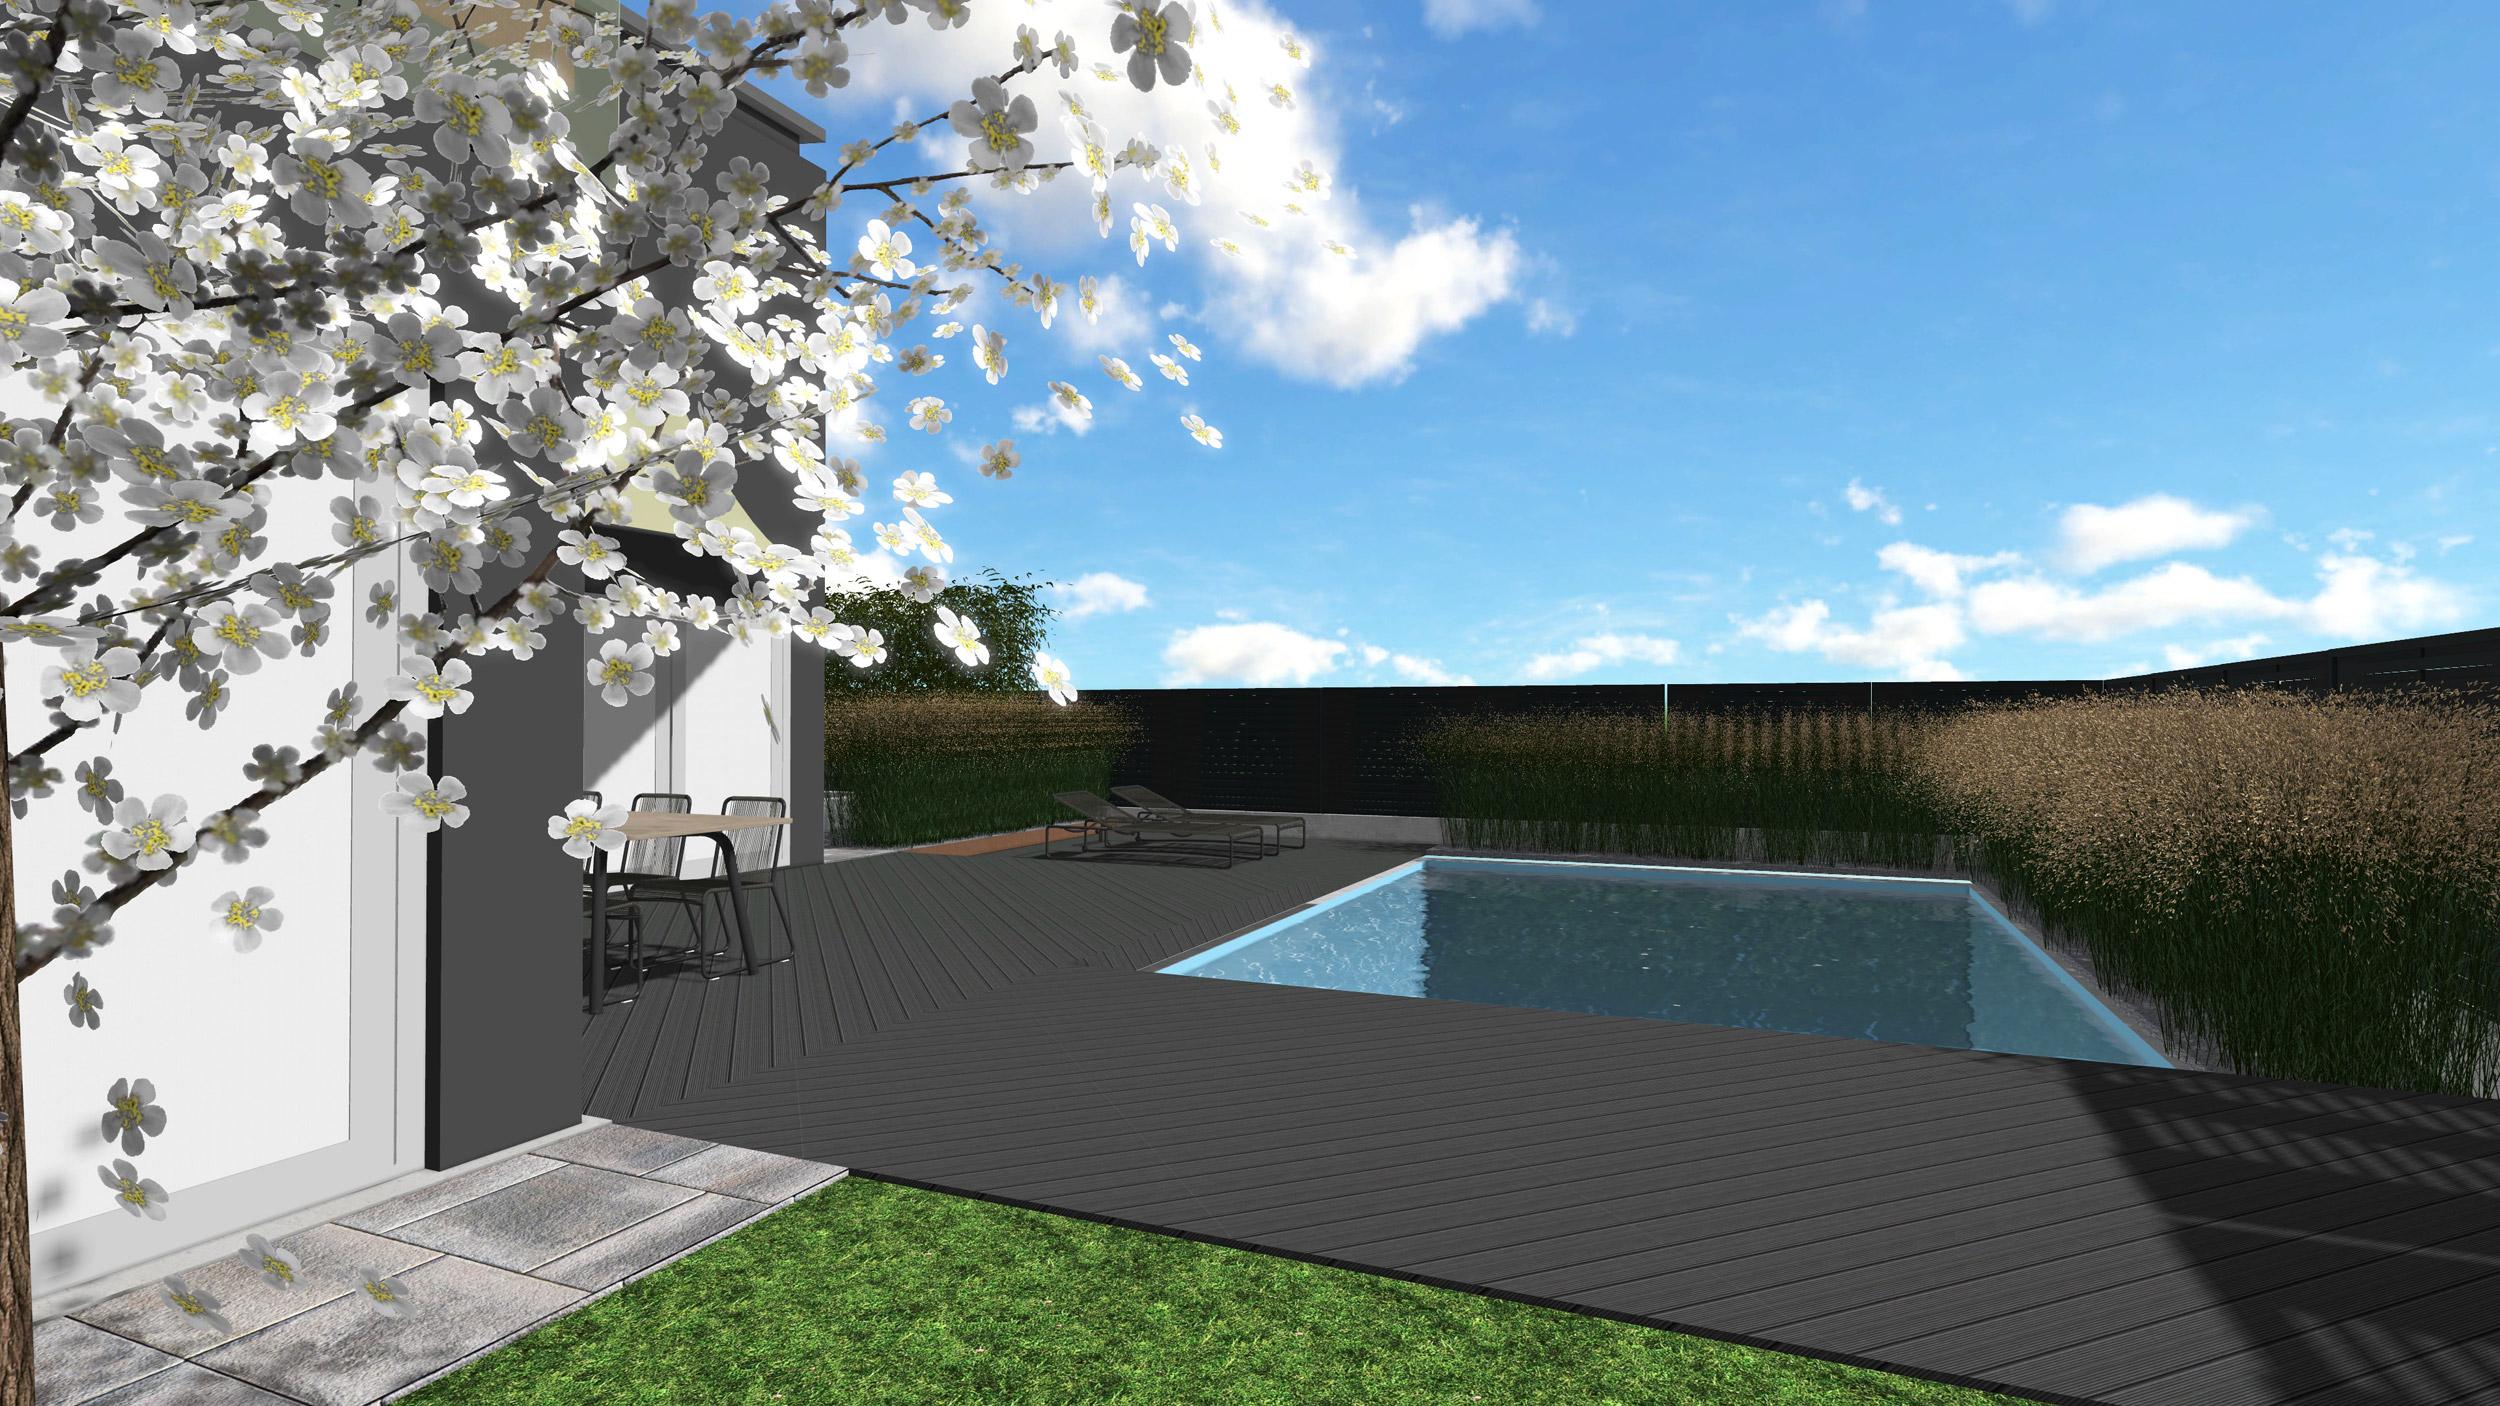 Giardino con piscina rialzata progettazione giardini for Piscina rialzata